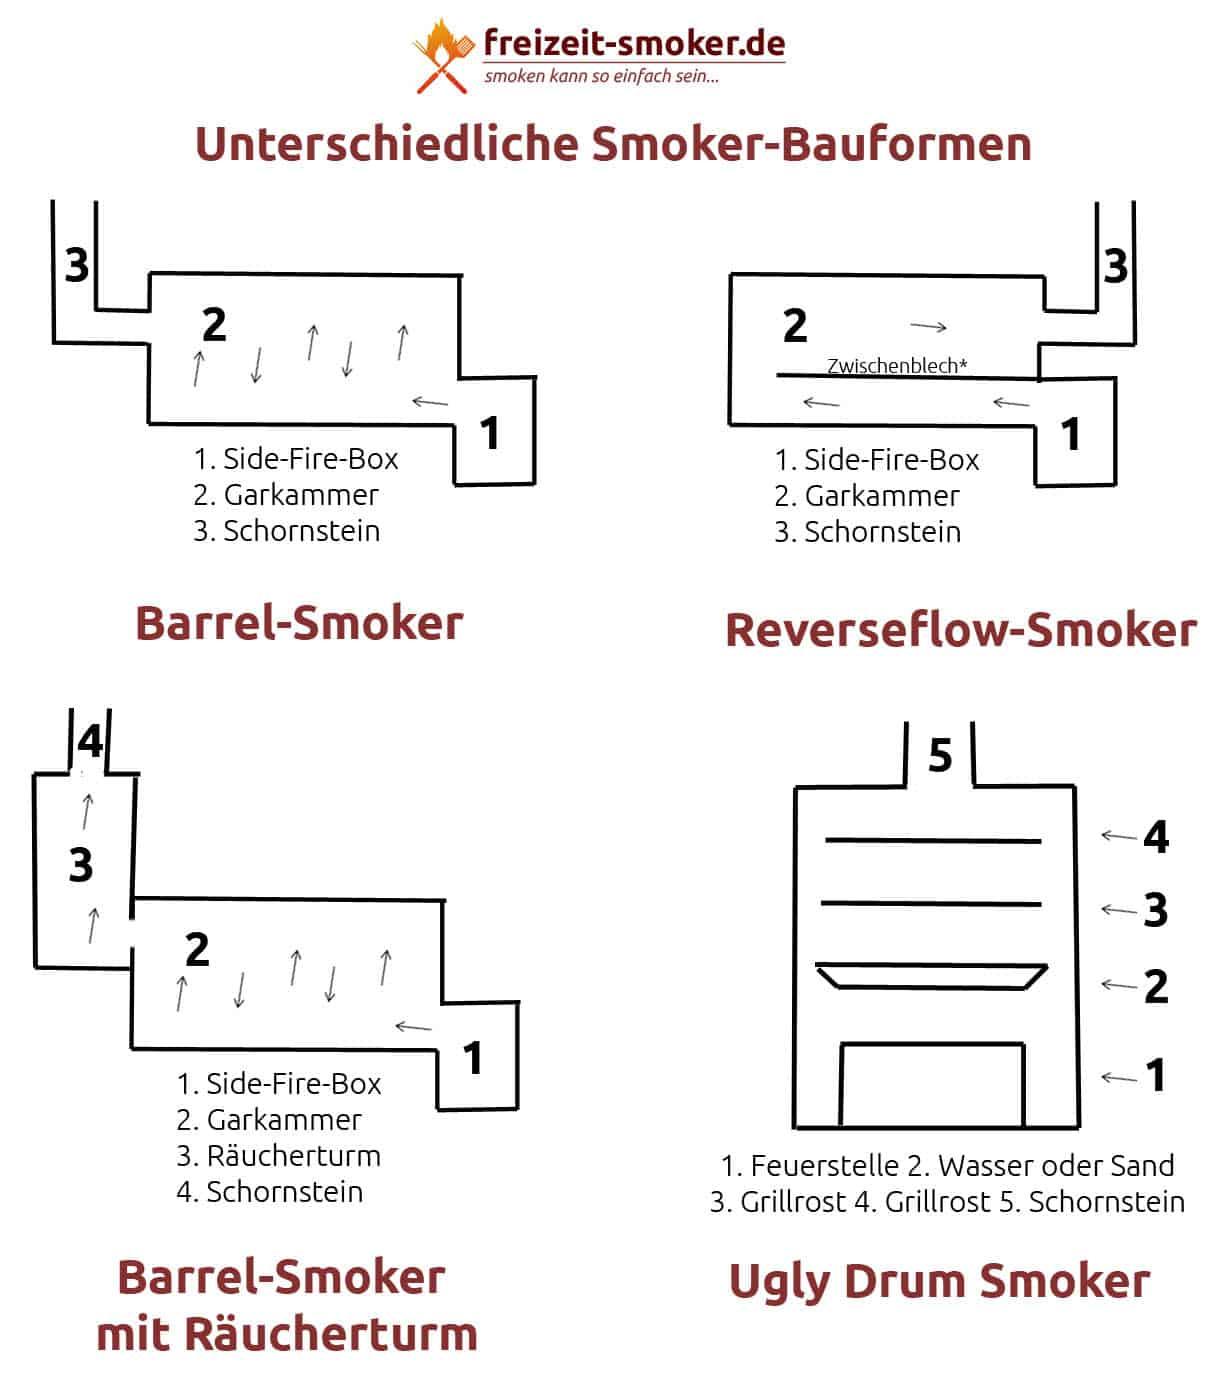 neuen bbq smoker grill kaufen angebote tipps hinweise wissen. Black Bedroom Furniture Sets. Home Design Ideas